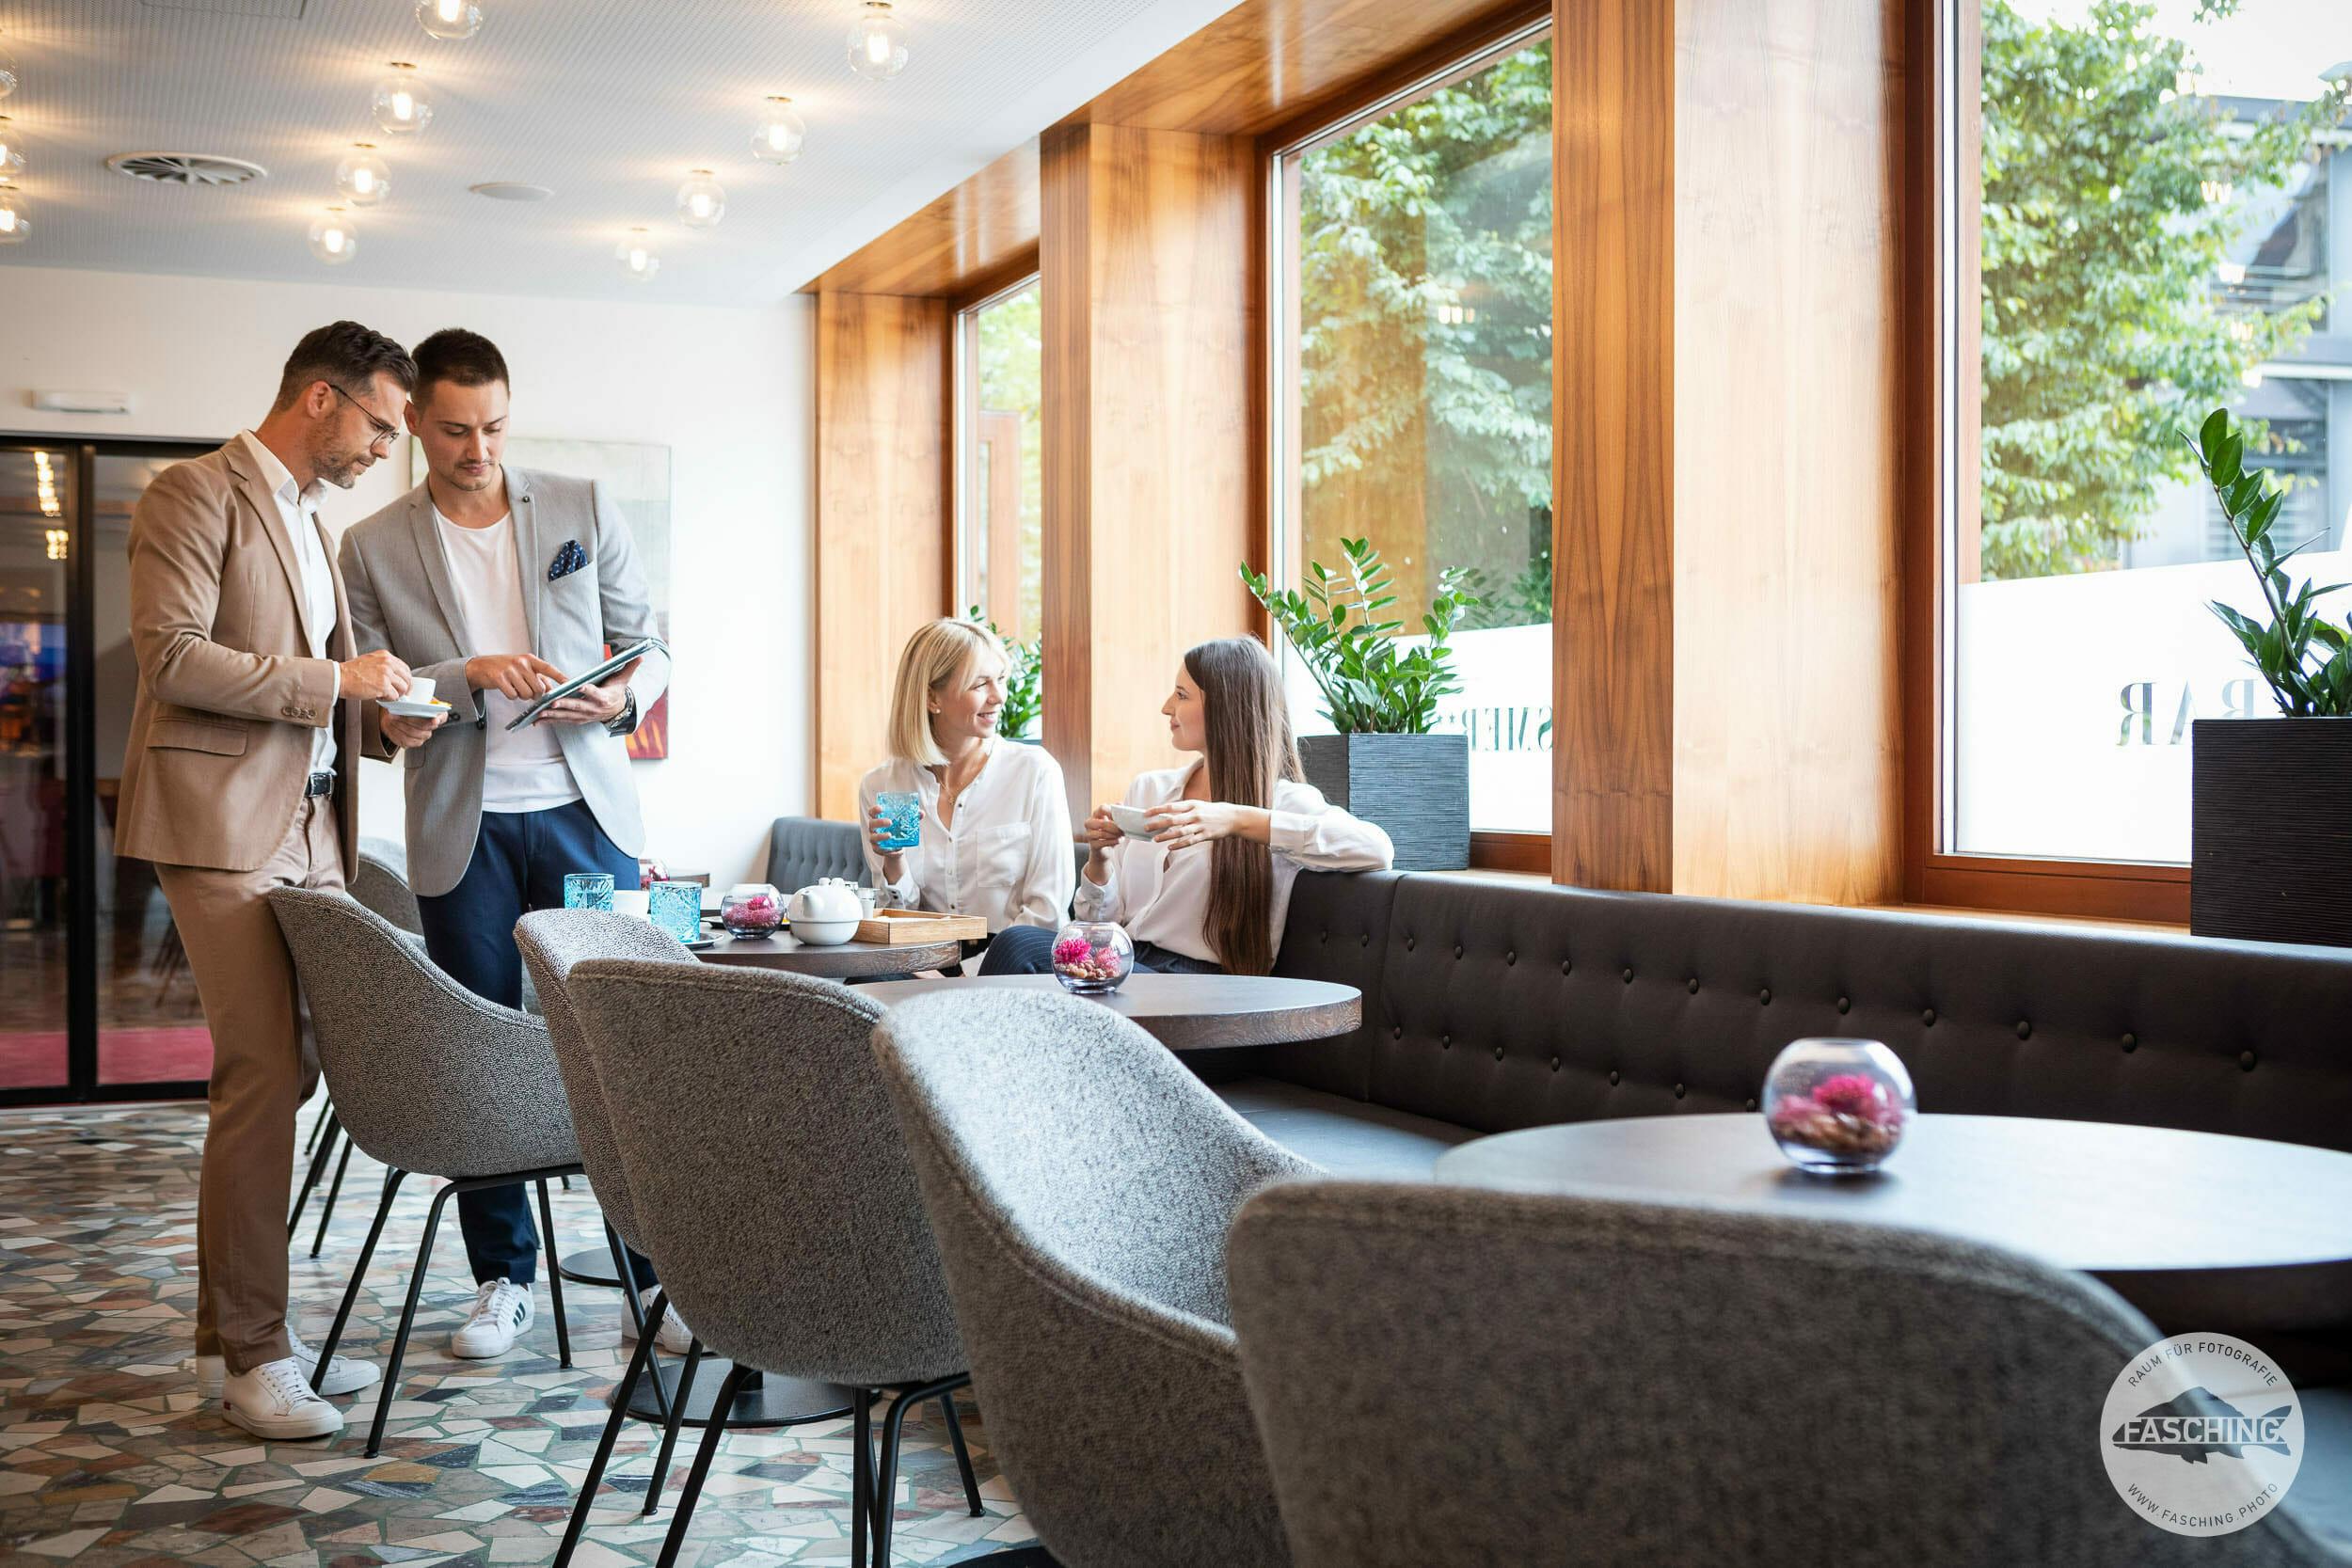 Menschen in der Tagesbar, Hotelfotos Studio Fasching Bregenz